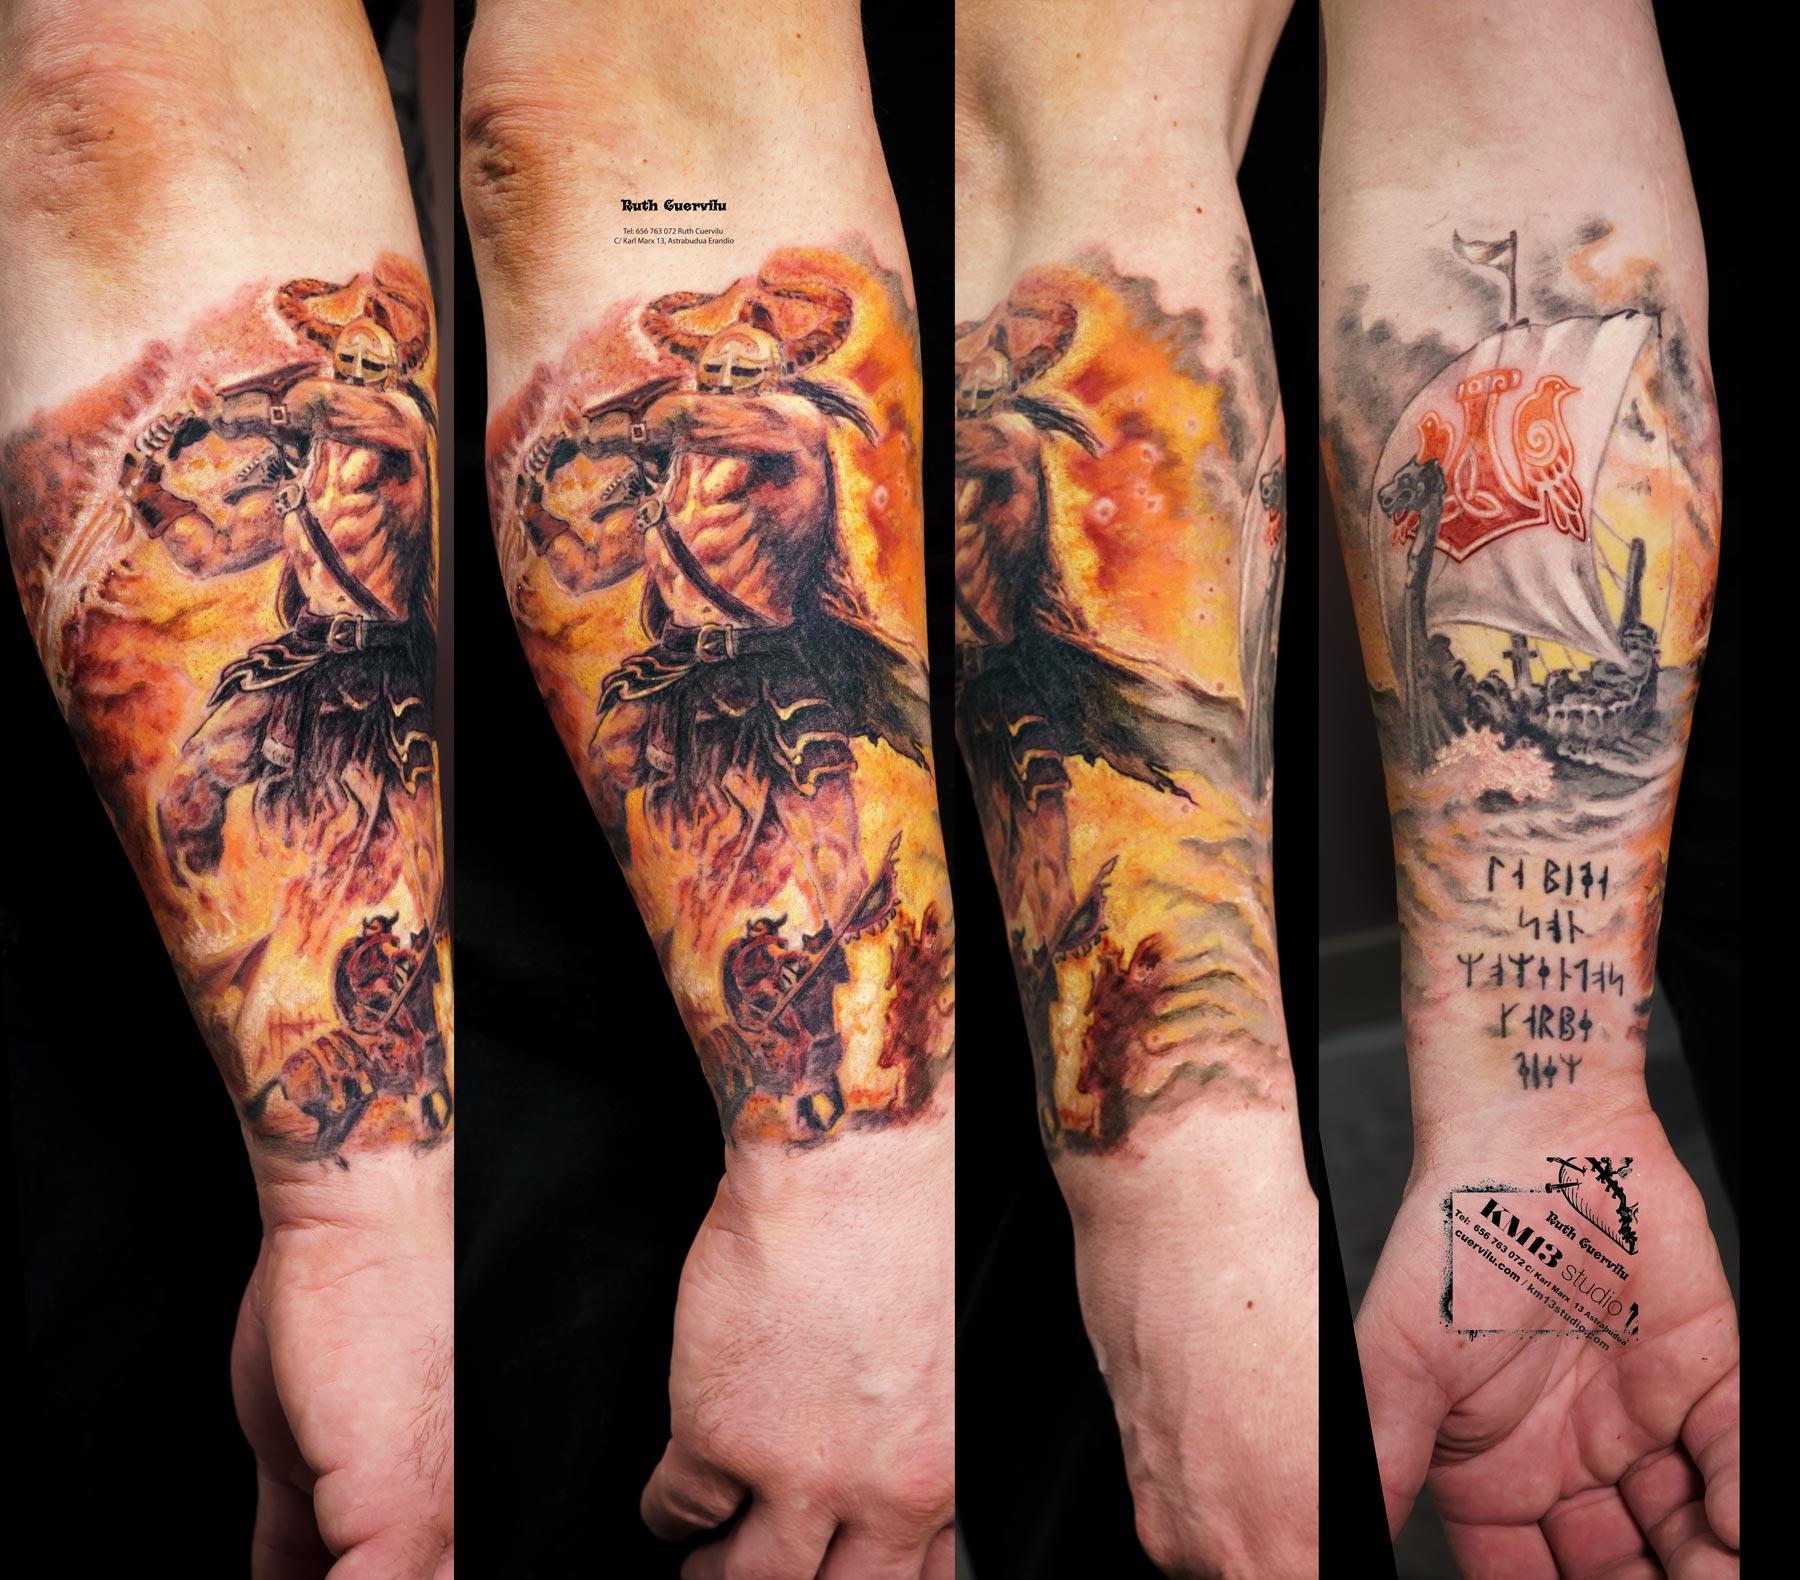 Tatuaje Amon Amarth Vikingo con Barco Drakkar - Ruth Cuervilu Tattoo - KM13 Studio - Estudio de tatuajes en Astrabudua Erandio Getxo, Bilbao Bizkaia Basauri barakaldo portugalete Gasteiz